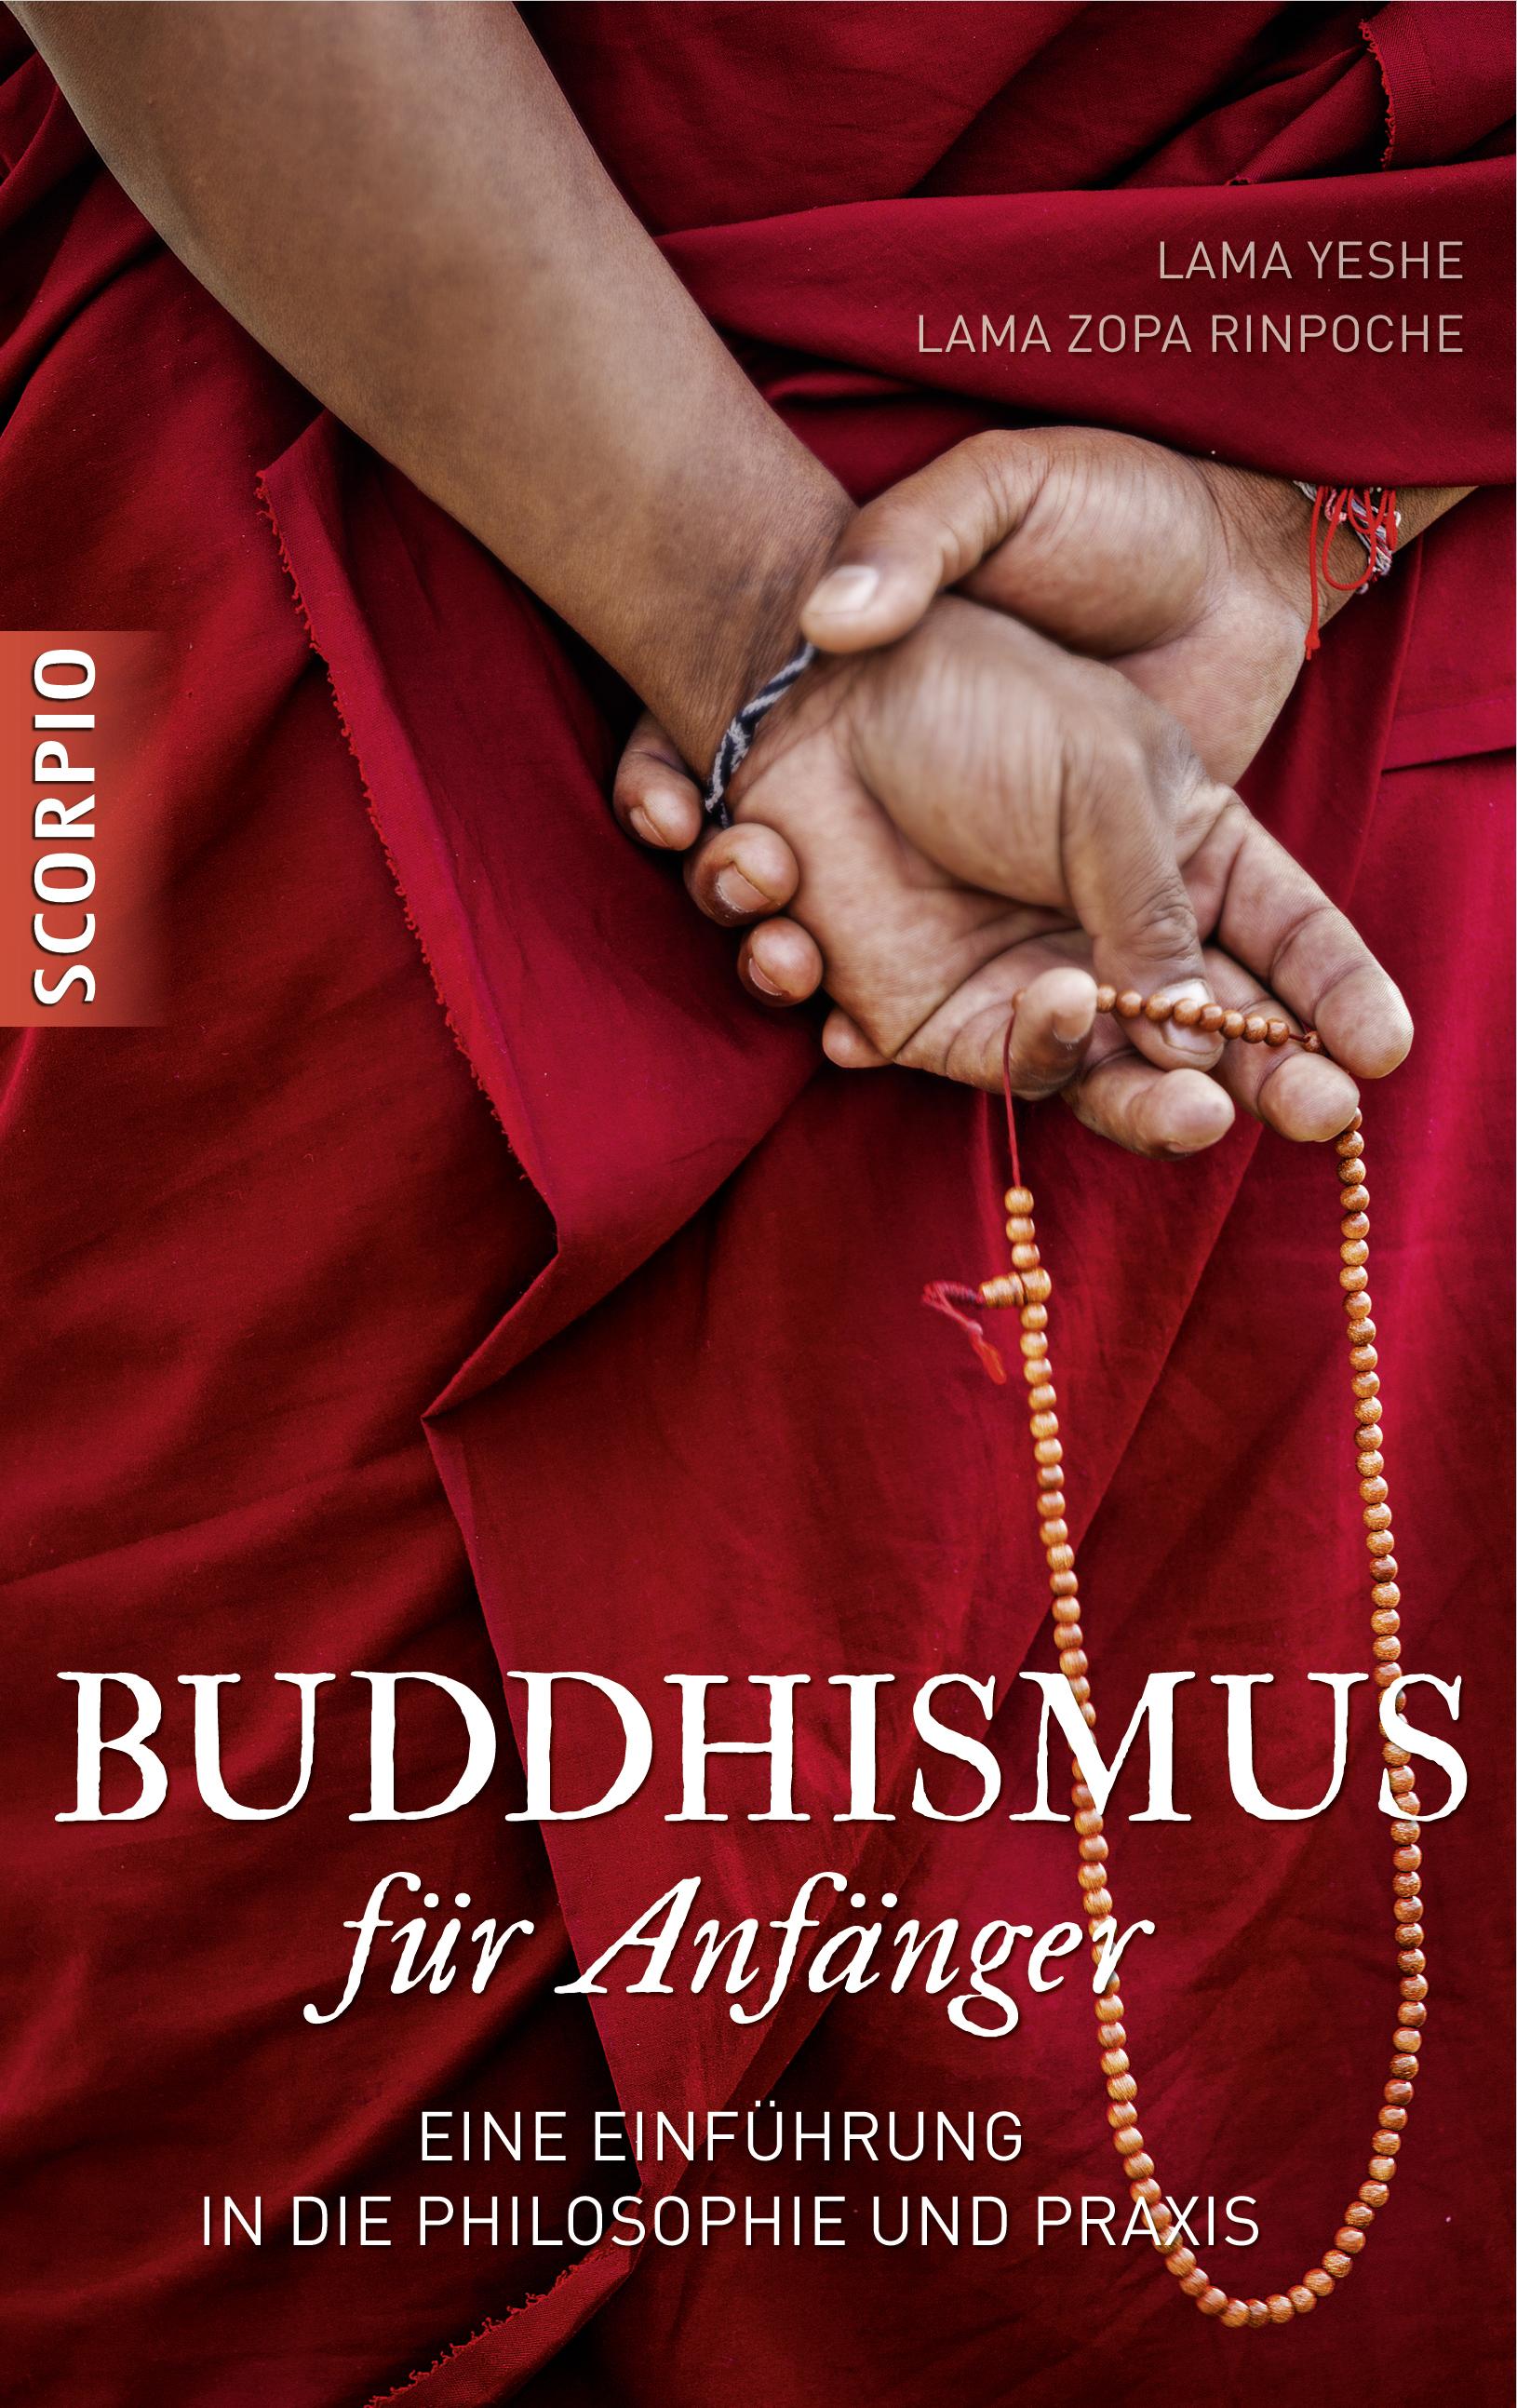 Buddhismus für Anfänger: Eine Einführung in die Philosophie und Praxis - Lama Yeshe